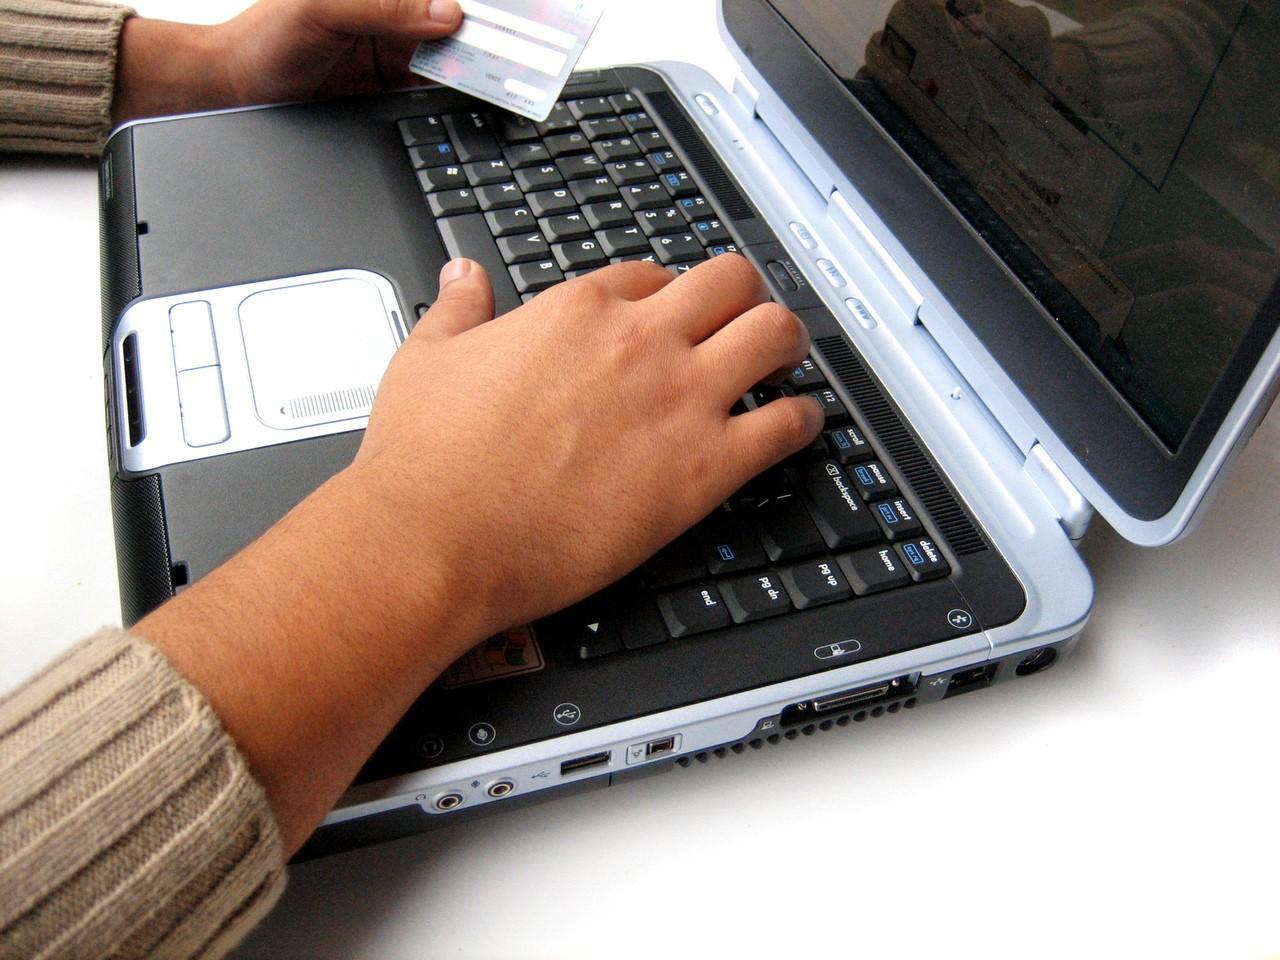 Komputery używane, sposób na oszczędzanie